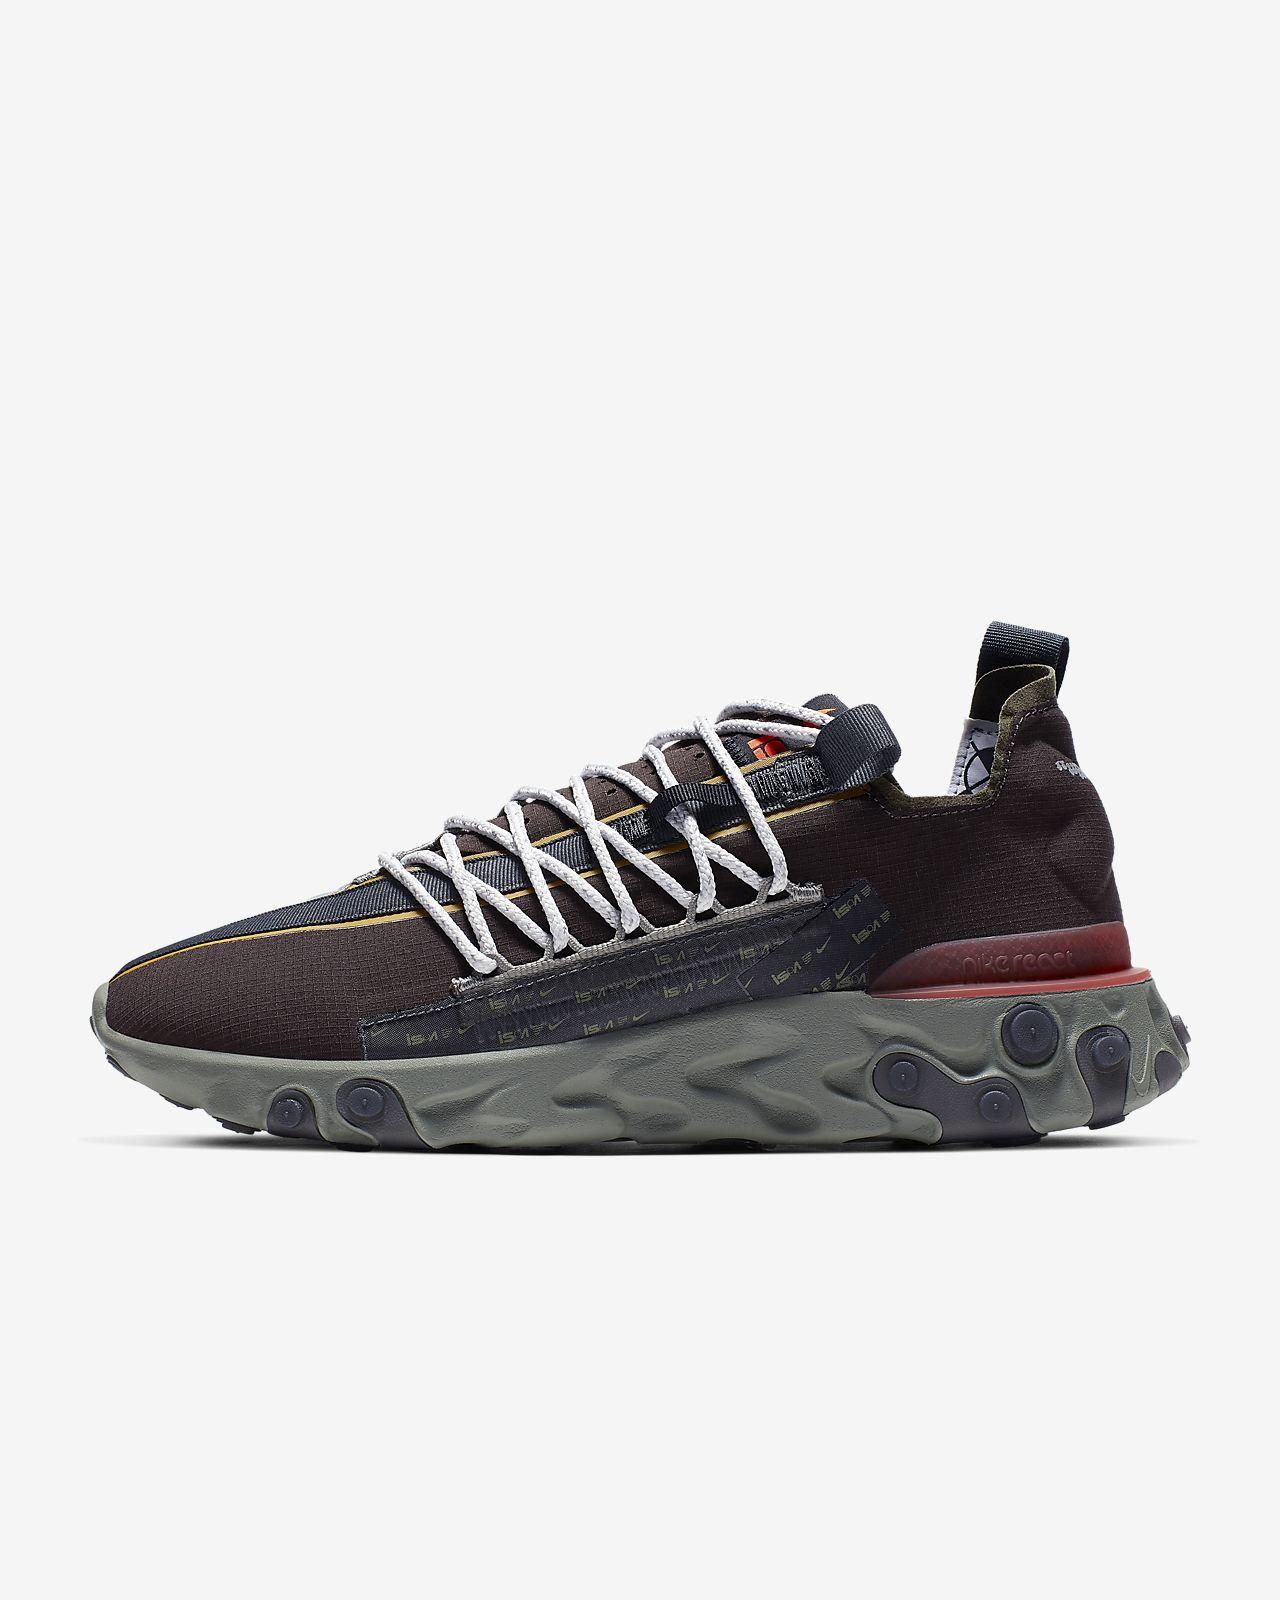 buy popular a81b5 e61a2 ... Sko Nike ISPA React WR för män